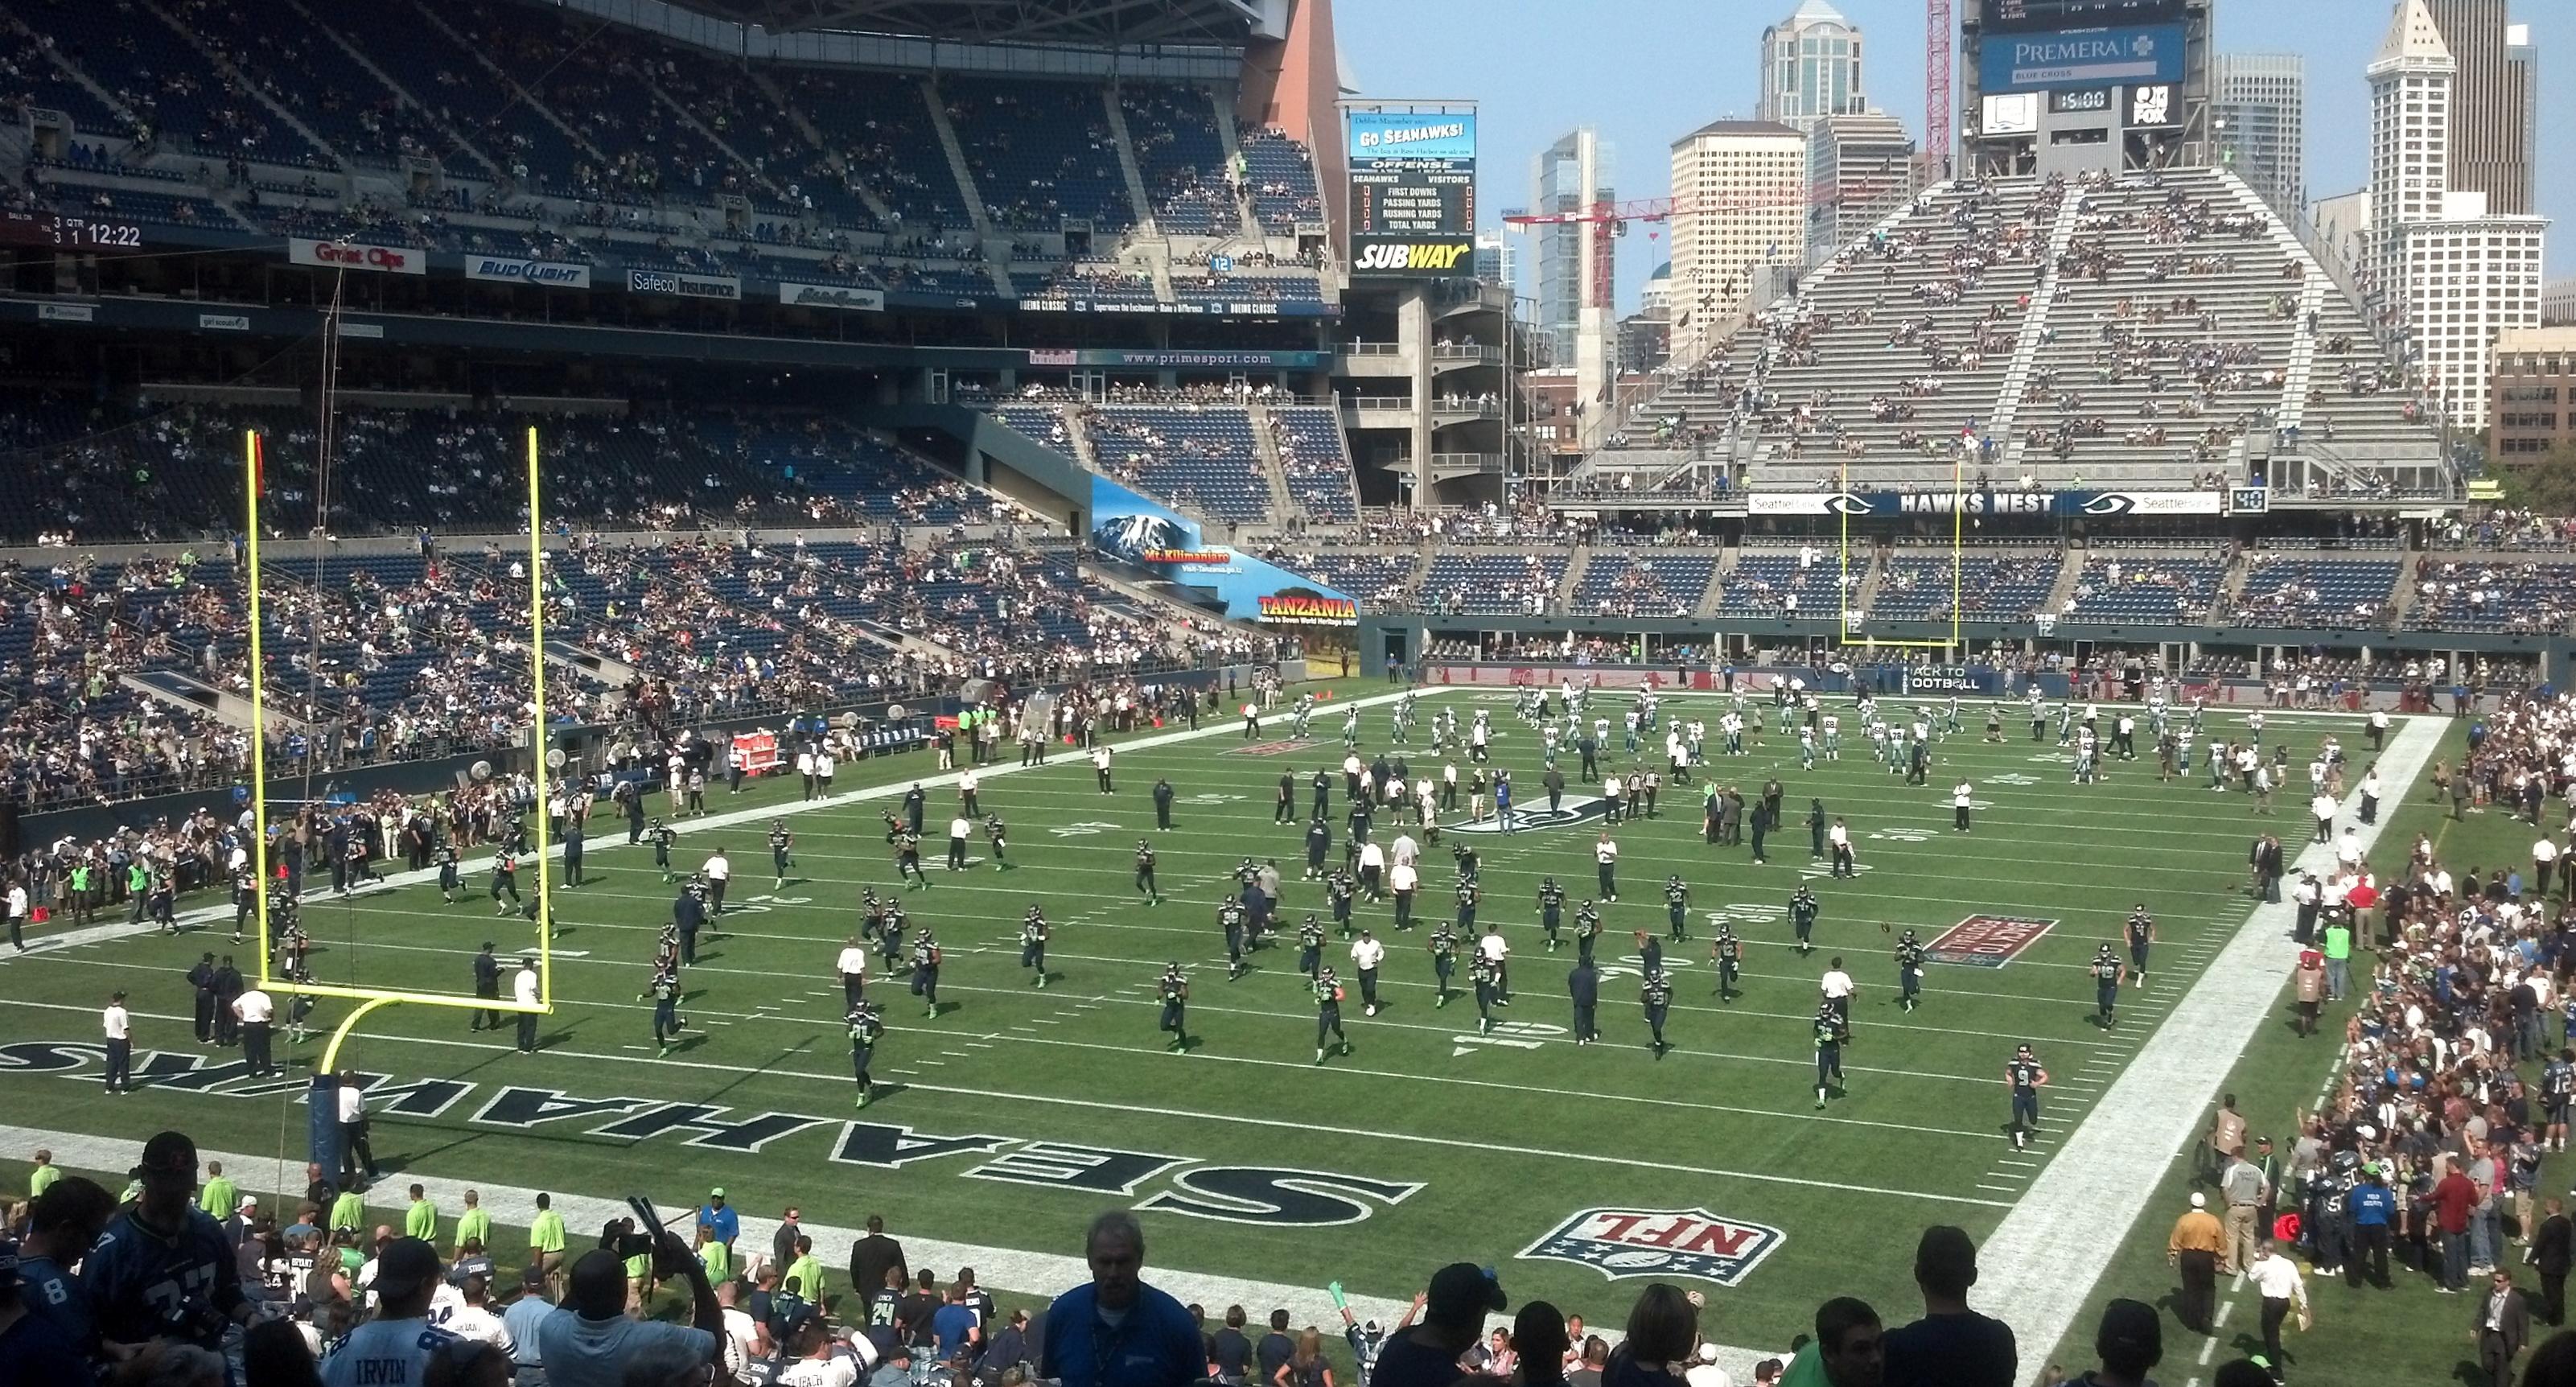 Nfl Football Stadium Background Seattle seahawks nfl football 3202x1724